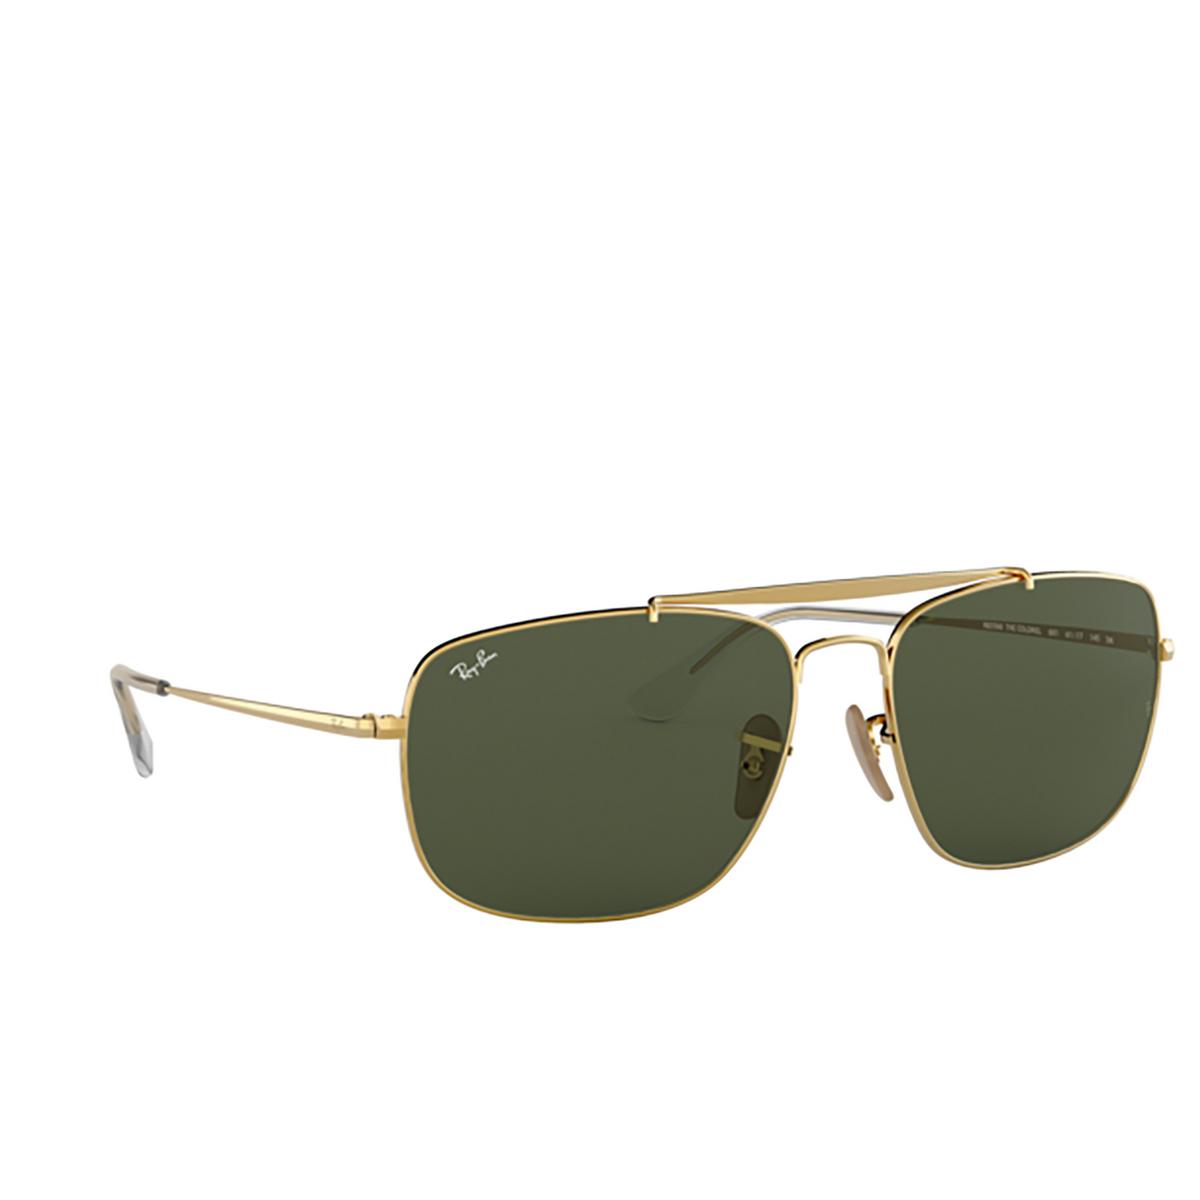 Ray-Ban® Square Sunglasses: The Colonel RB3560 color Arista 001 - 2/3.